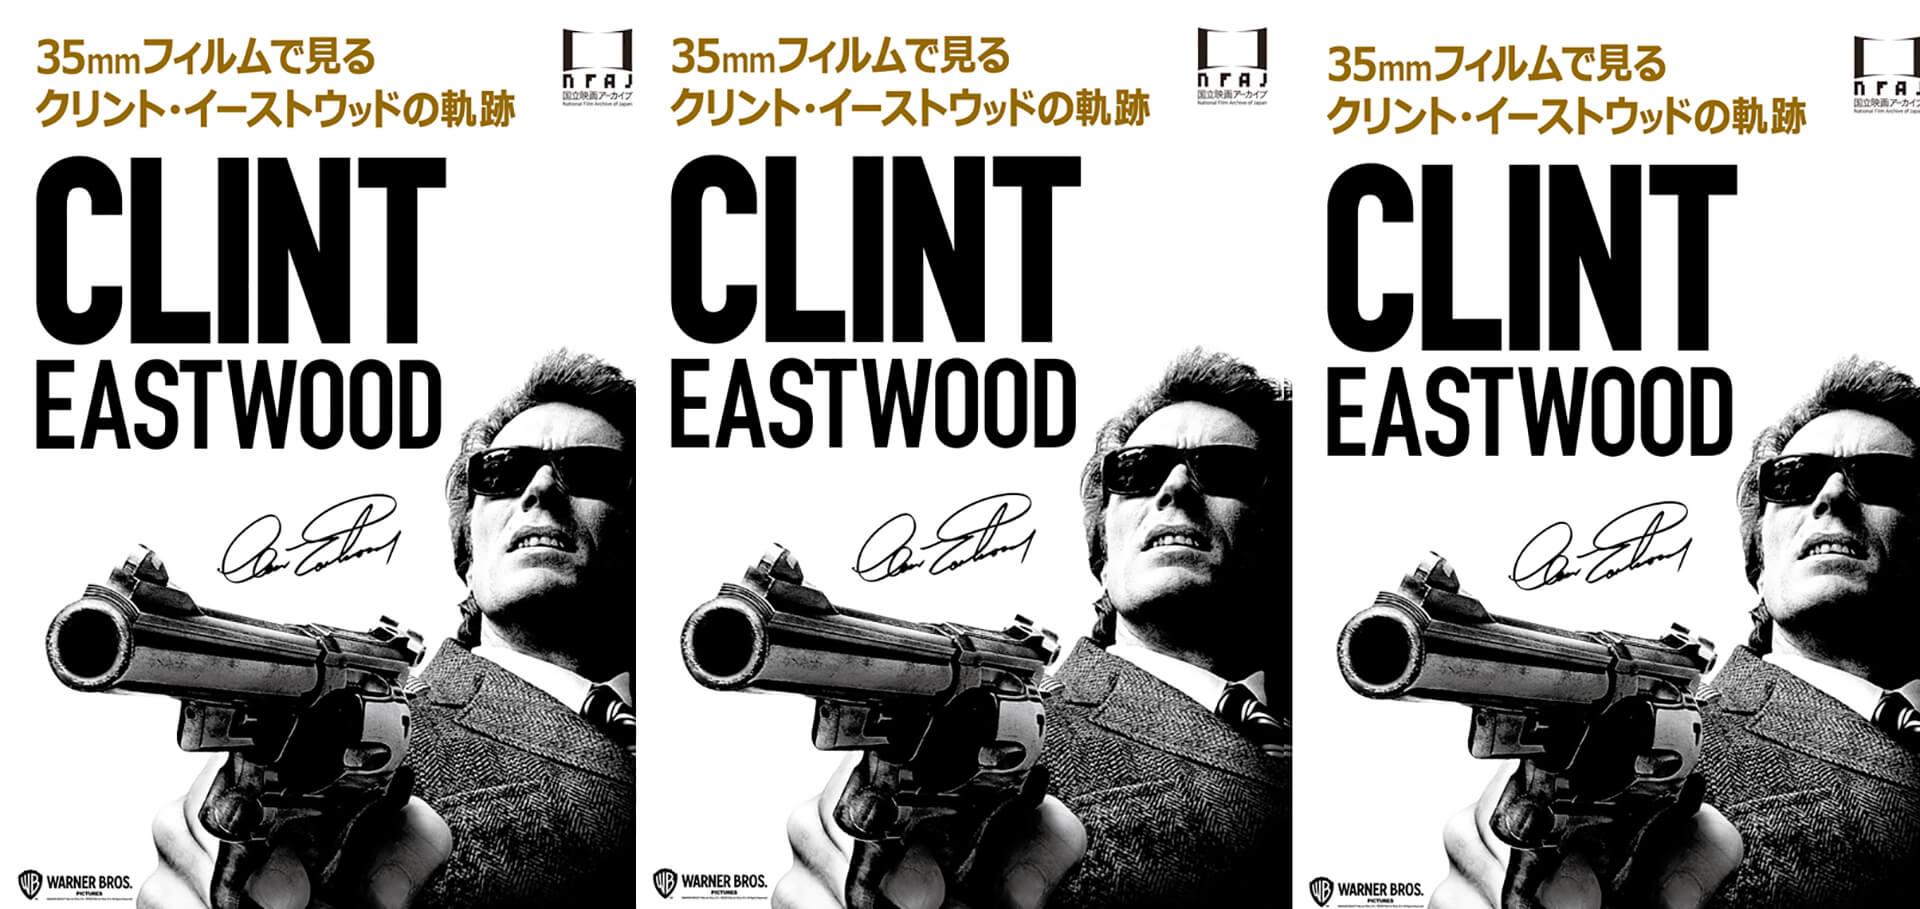 35mmフィルムで見るクリント・イーストウッドの軌跡